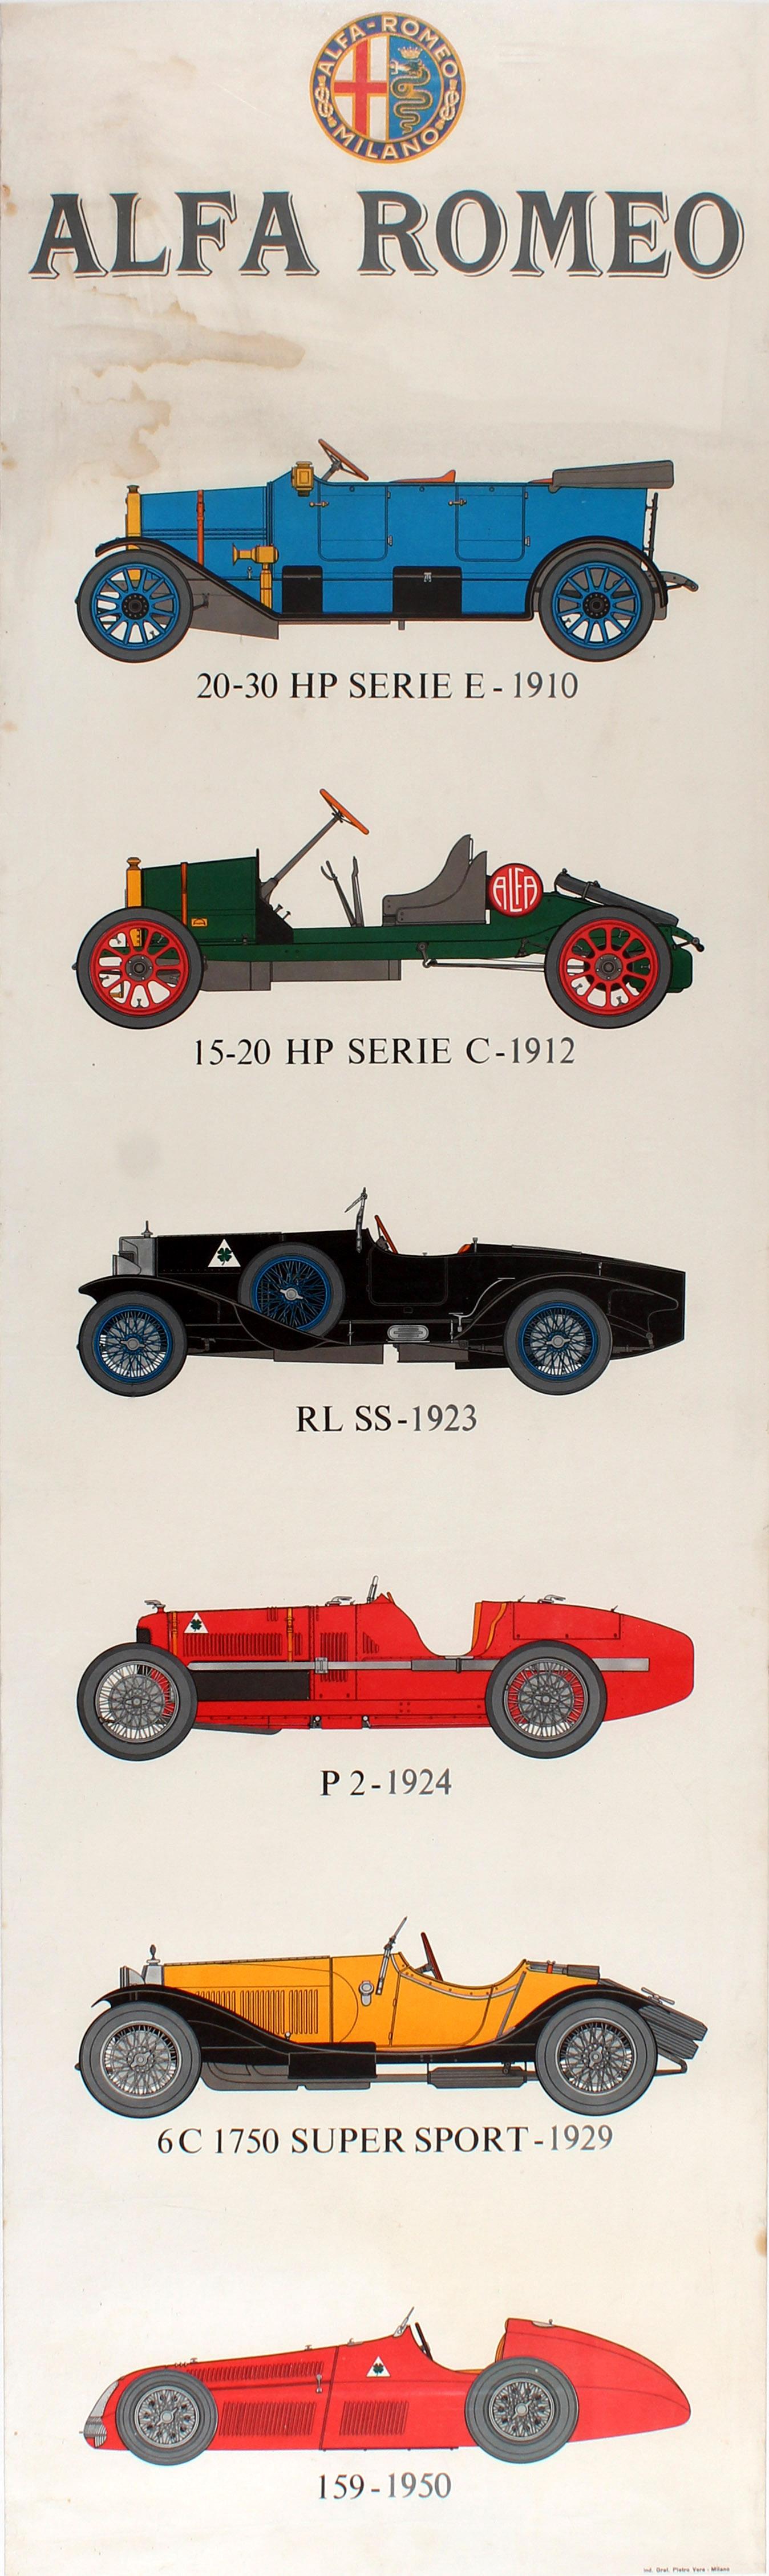 Original Vintage Car Dealer Showroom Advertising Poster For Alfa